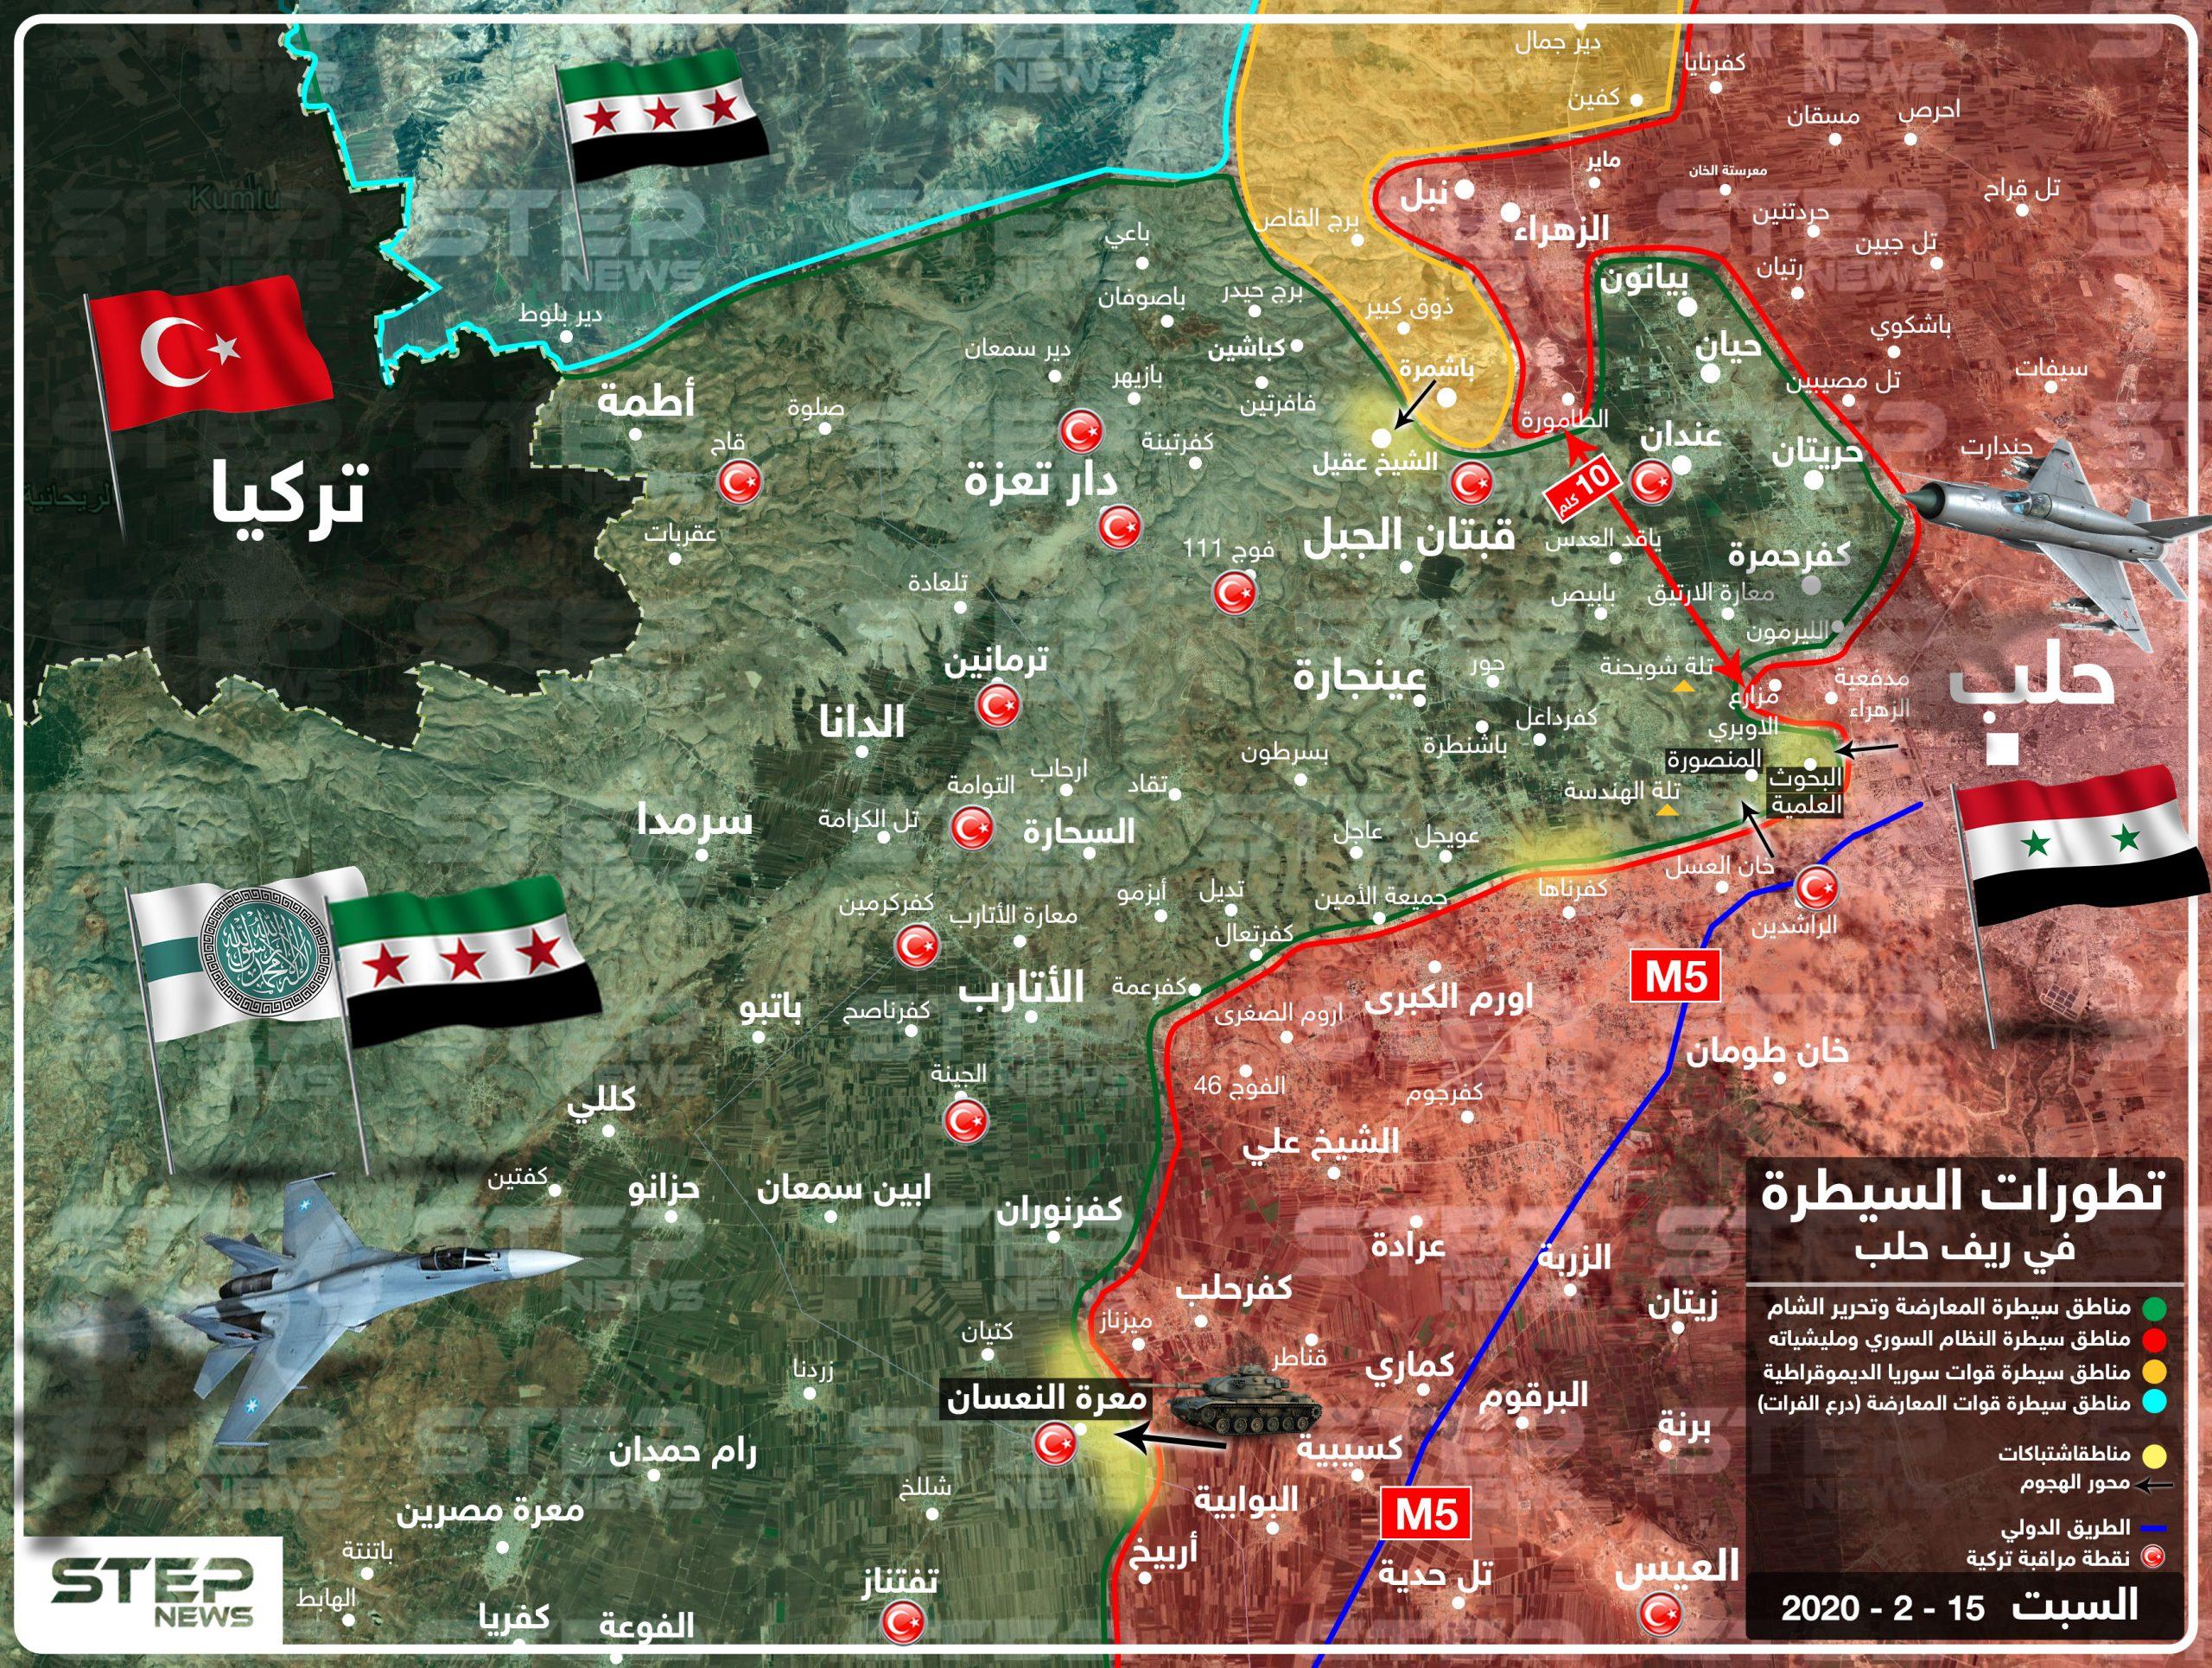 بالخريطة|| مراسل ستيب يحدد مجريات المعارك في ريف حلب وإدلب موضحًا التفاصيل